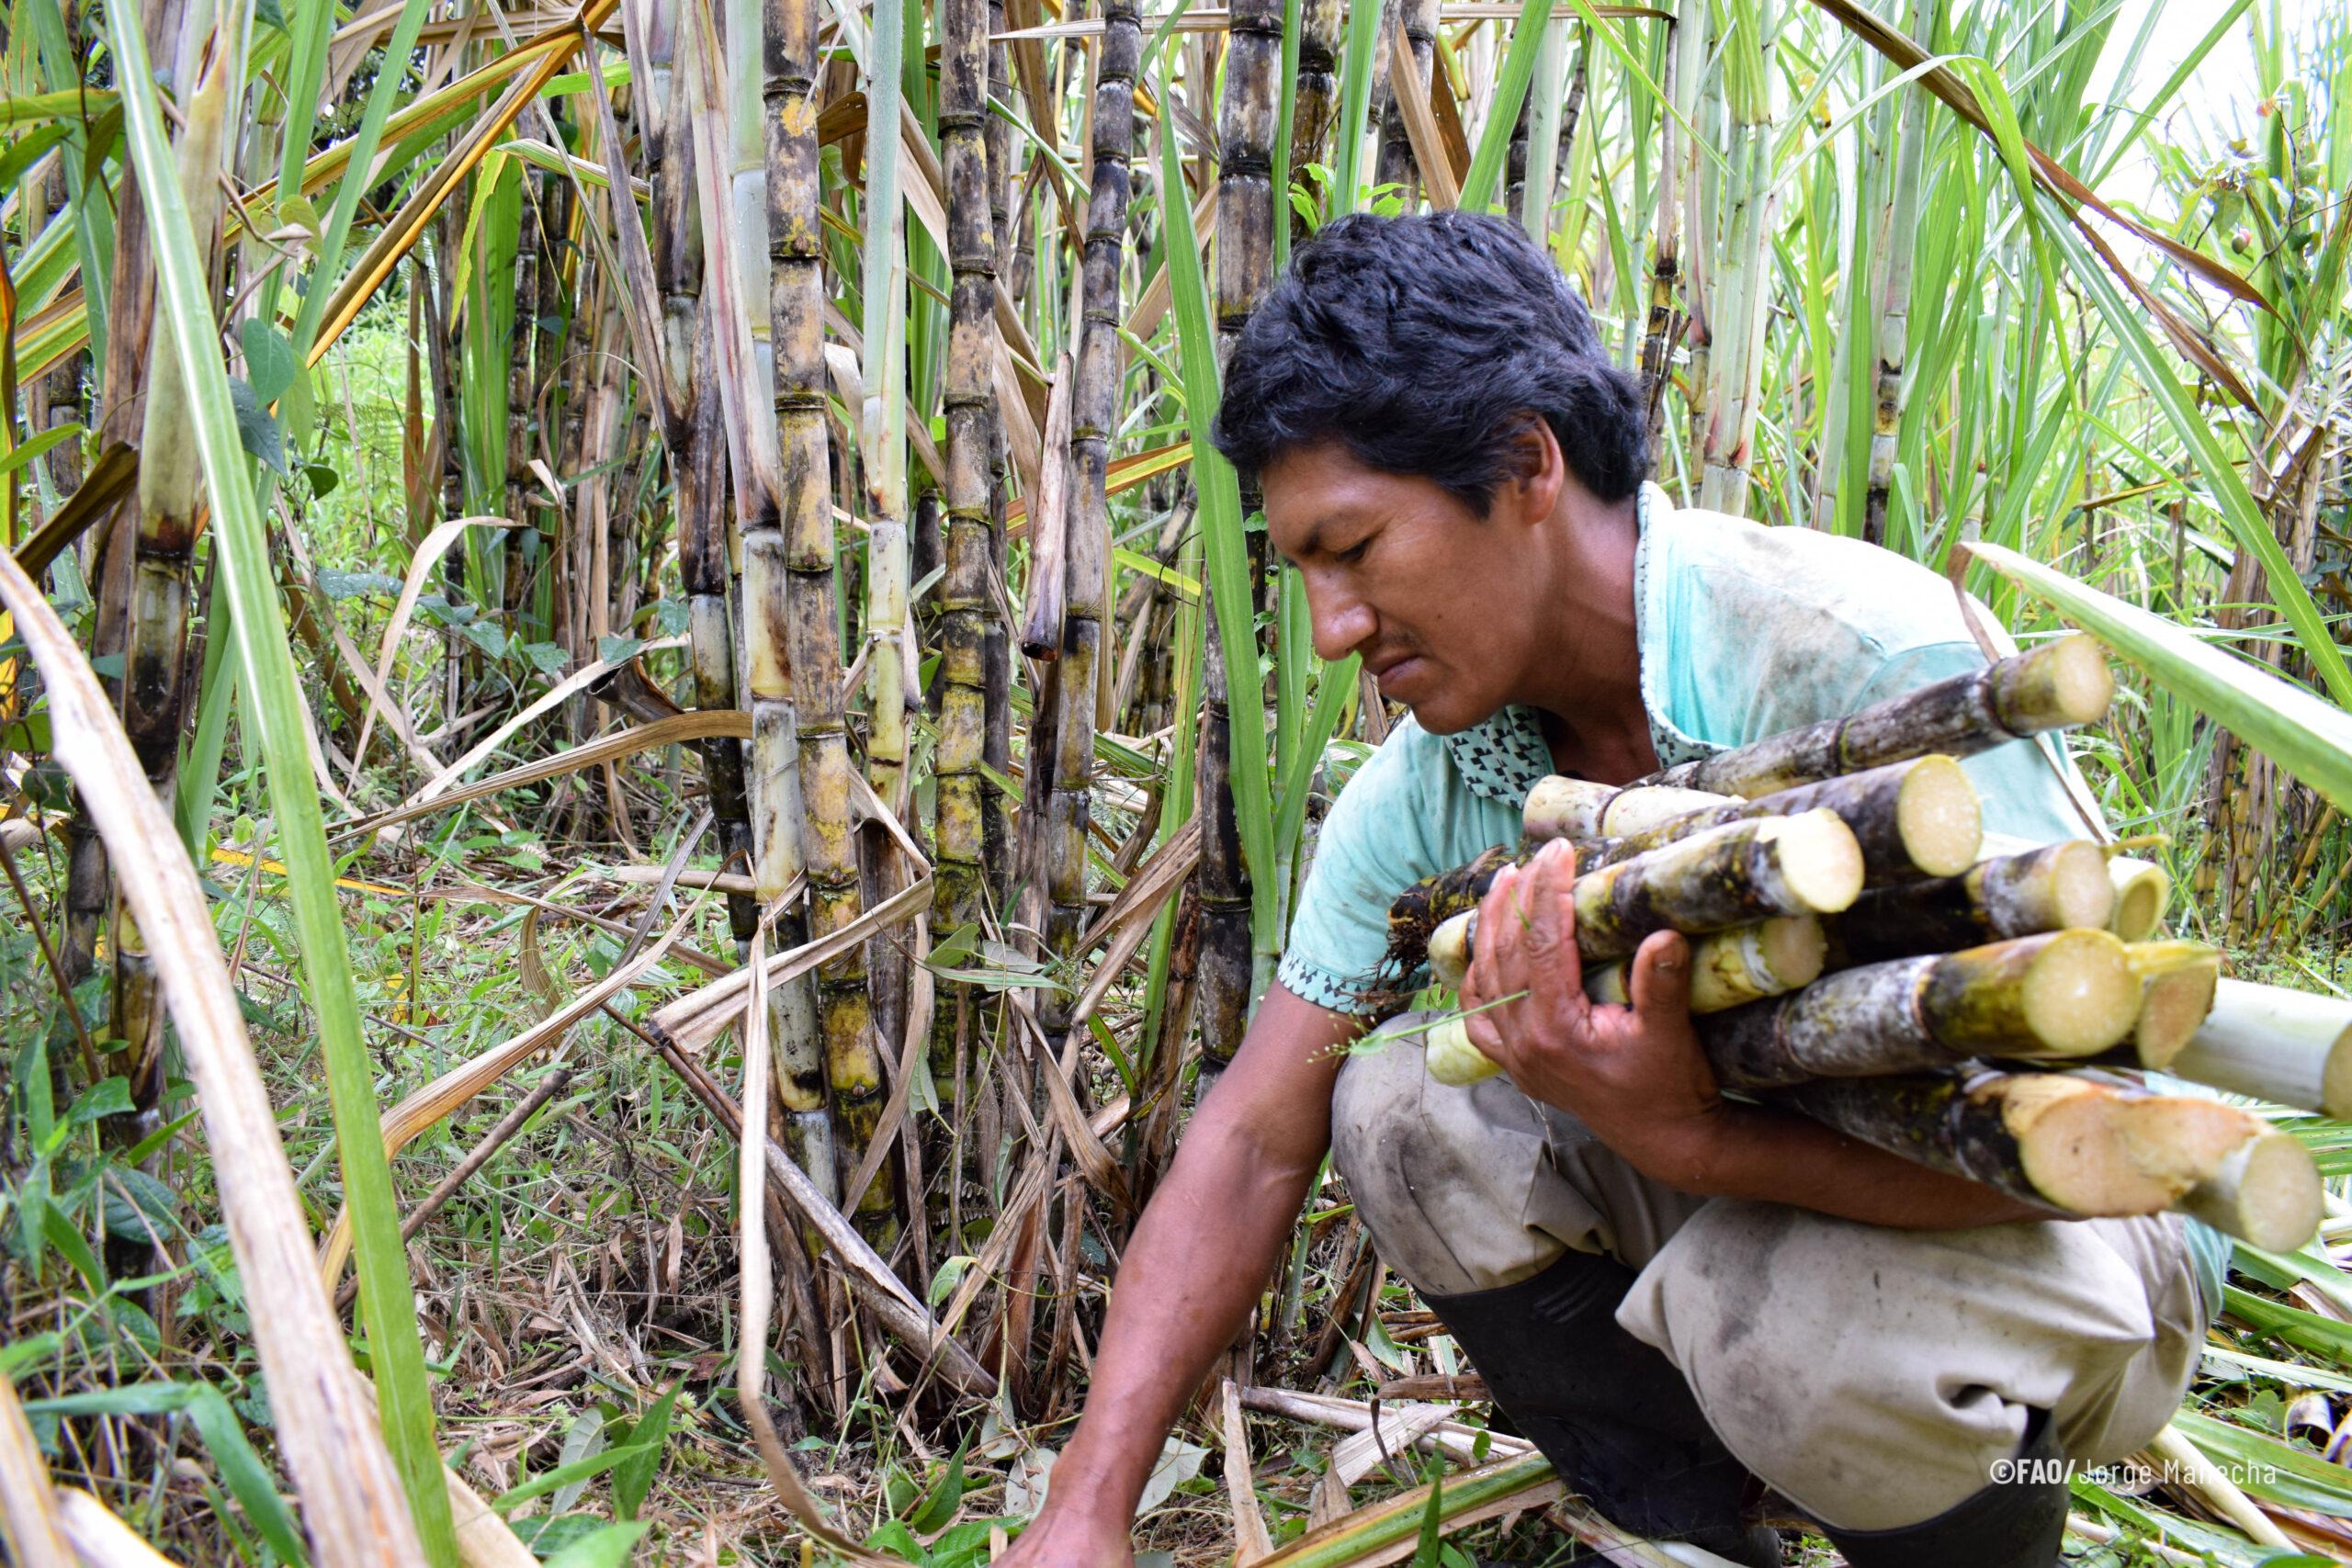 Pueblos indígenas, mejores guardianes de los bosques